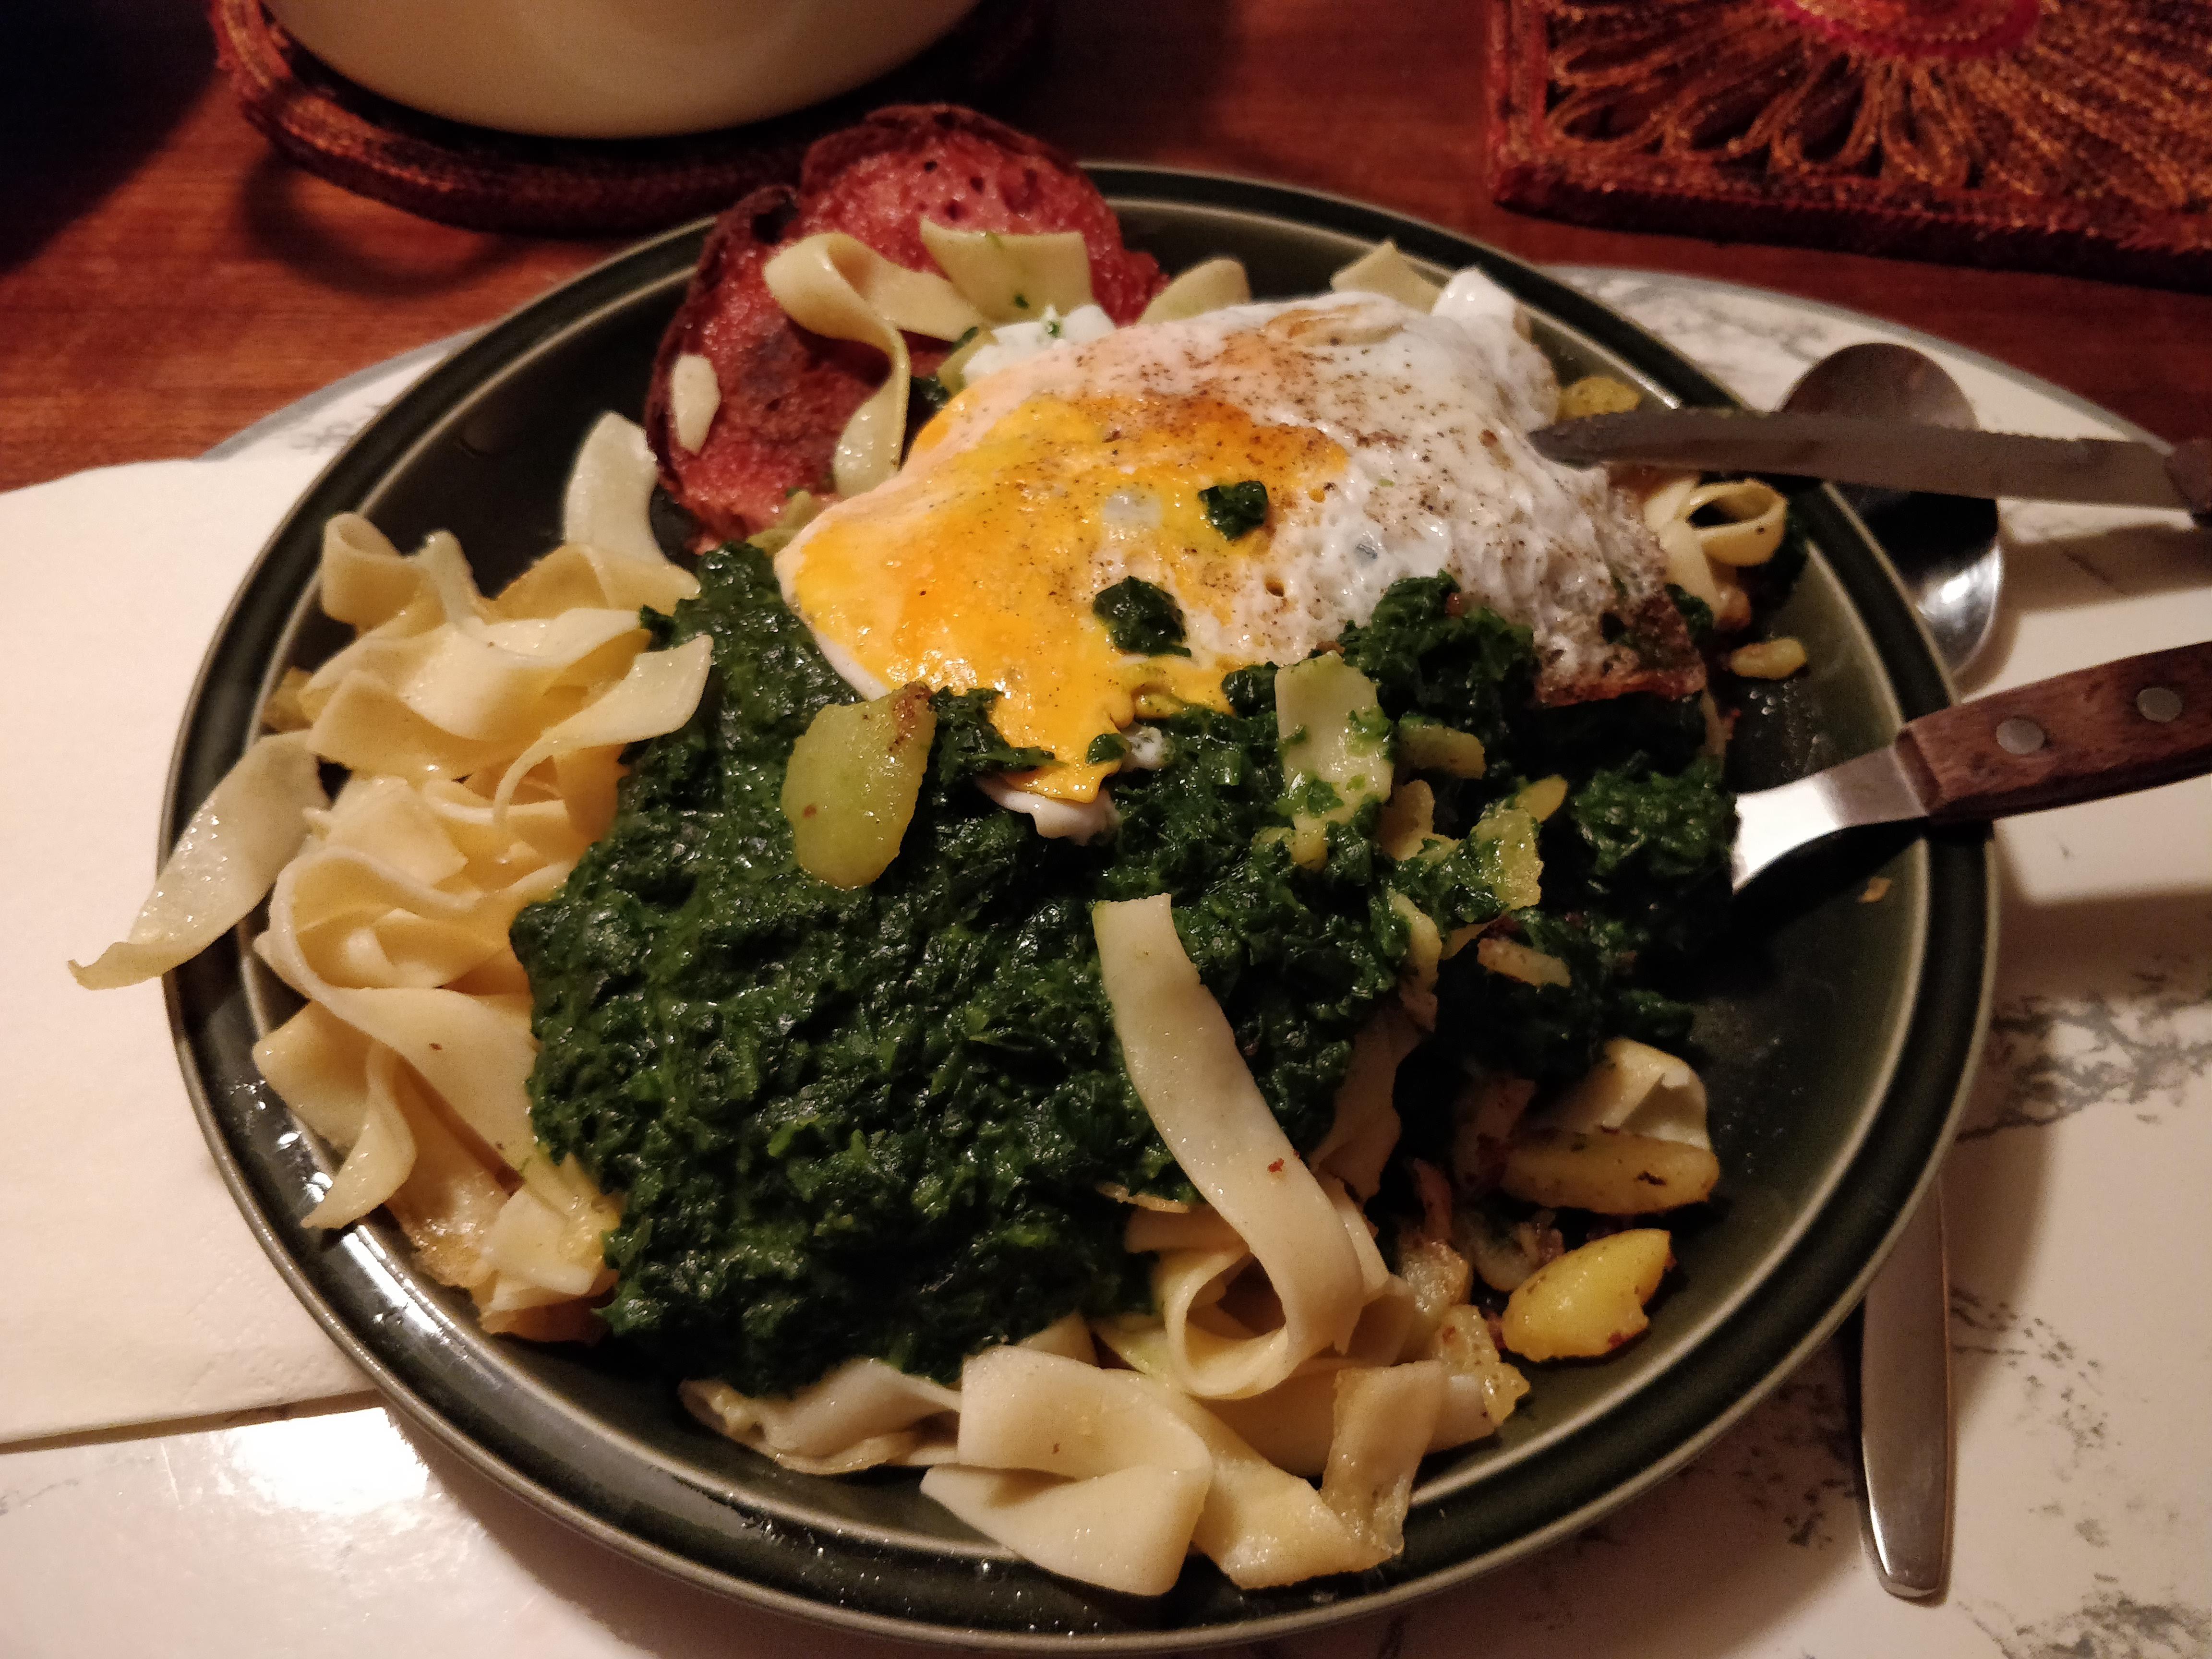 http://foodloader.net/nico_2018-08-15_fleischkaese-spinat-bratkartoffeln-spiegelei.jpg